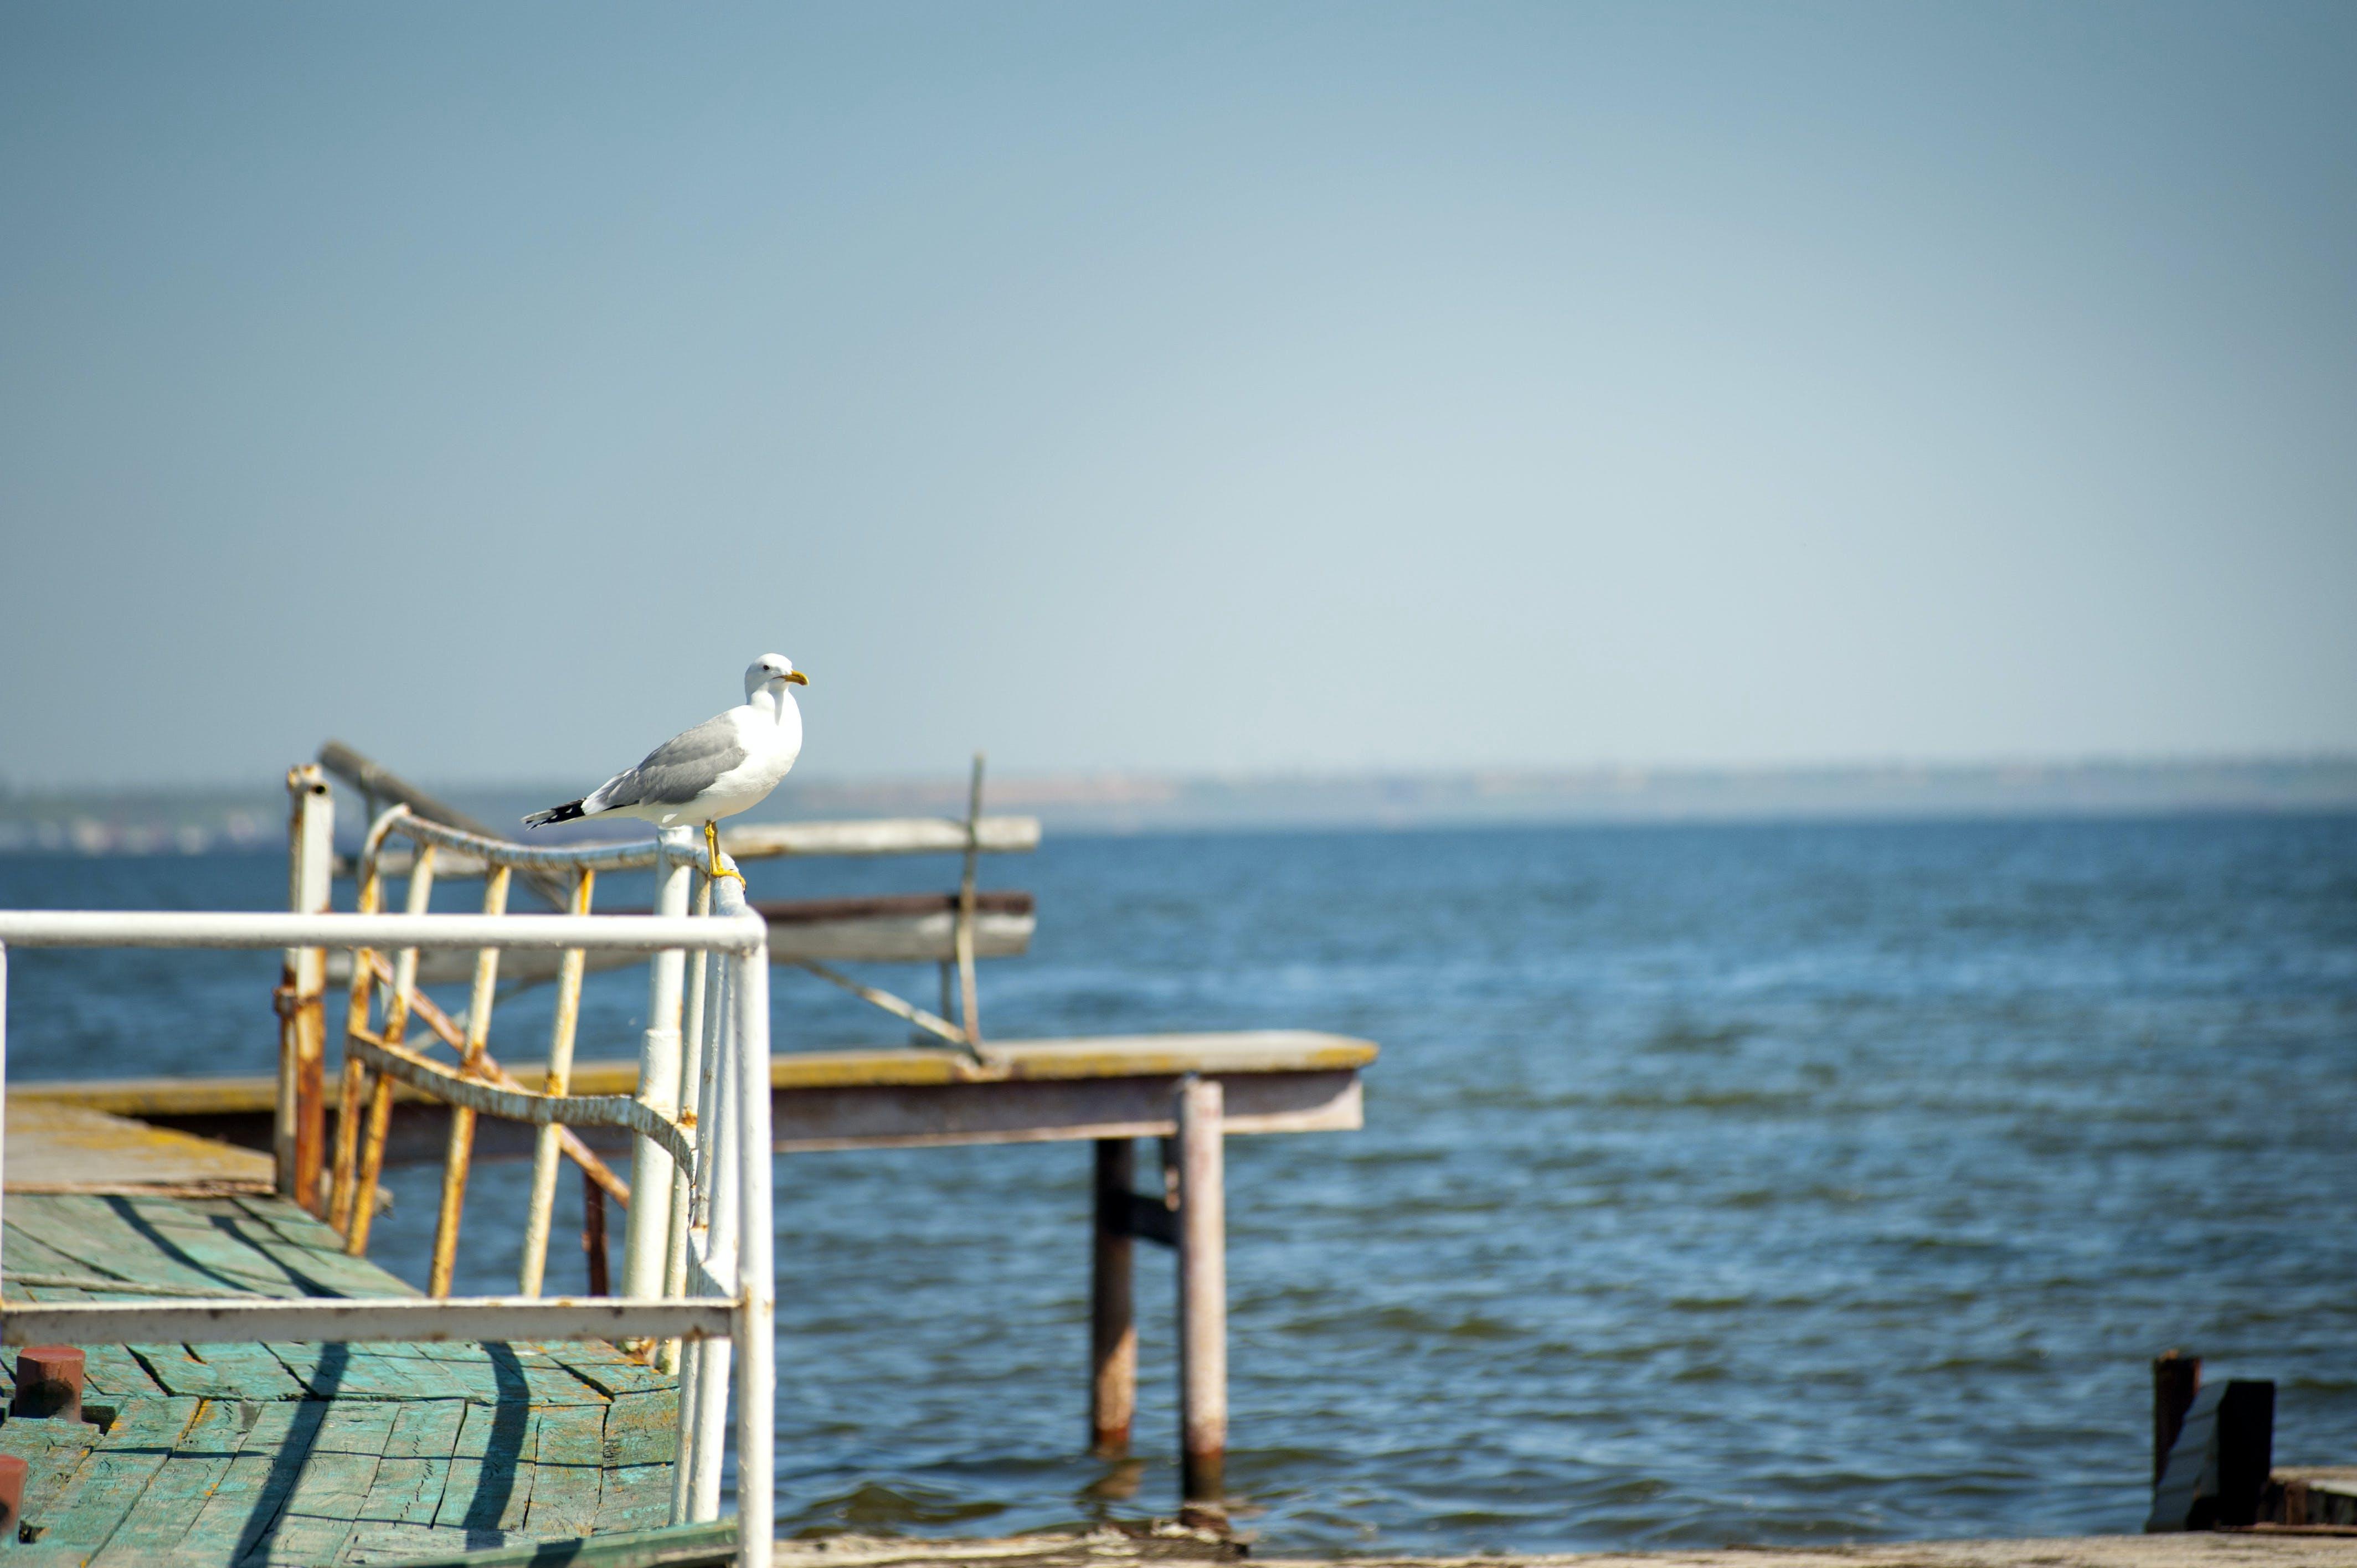 Gratis stockfoto met boot, daglicht, dek, eigen tijd